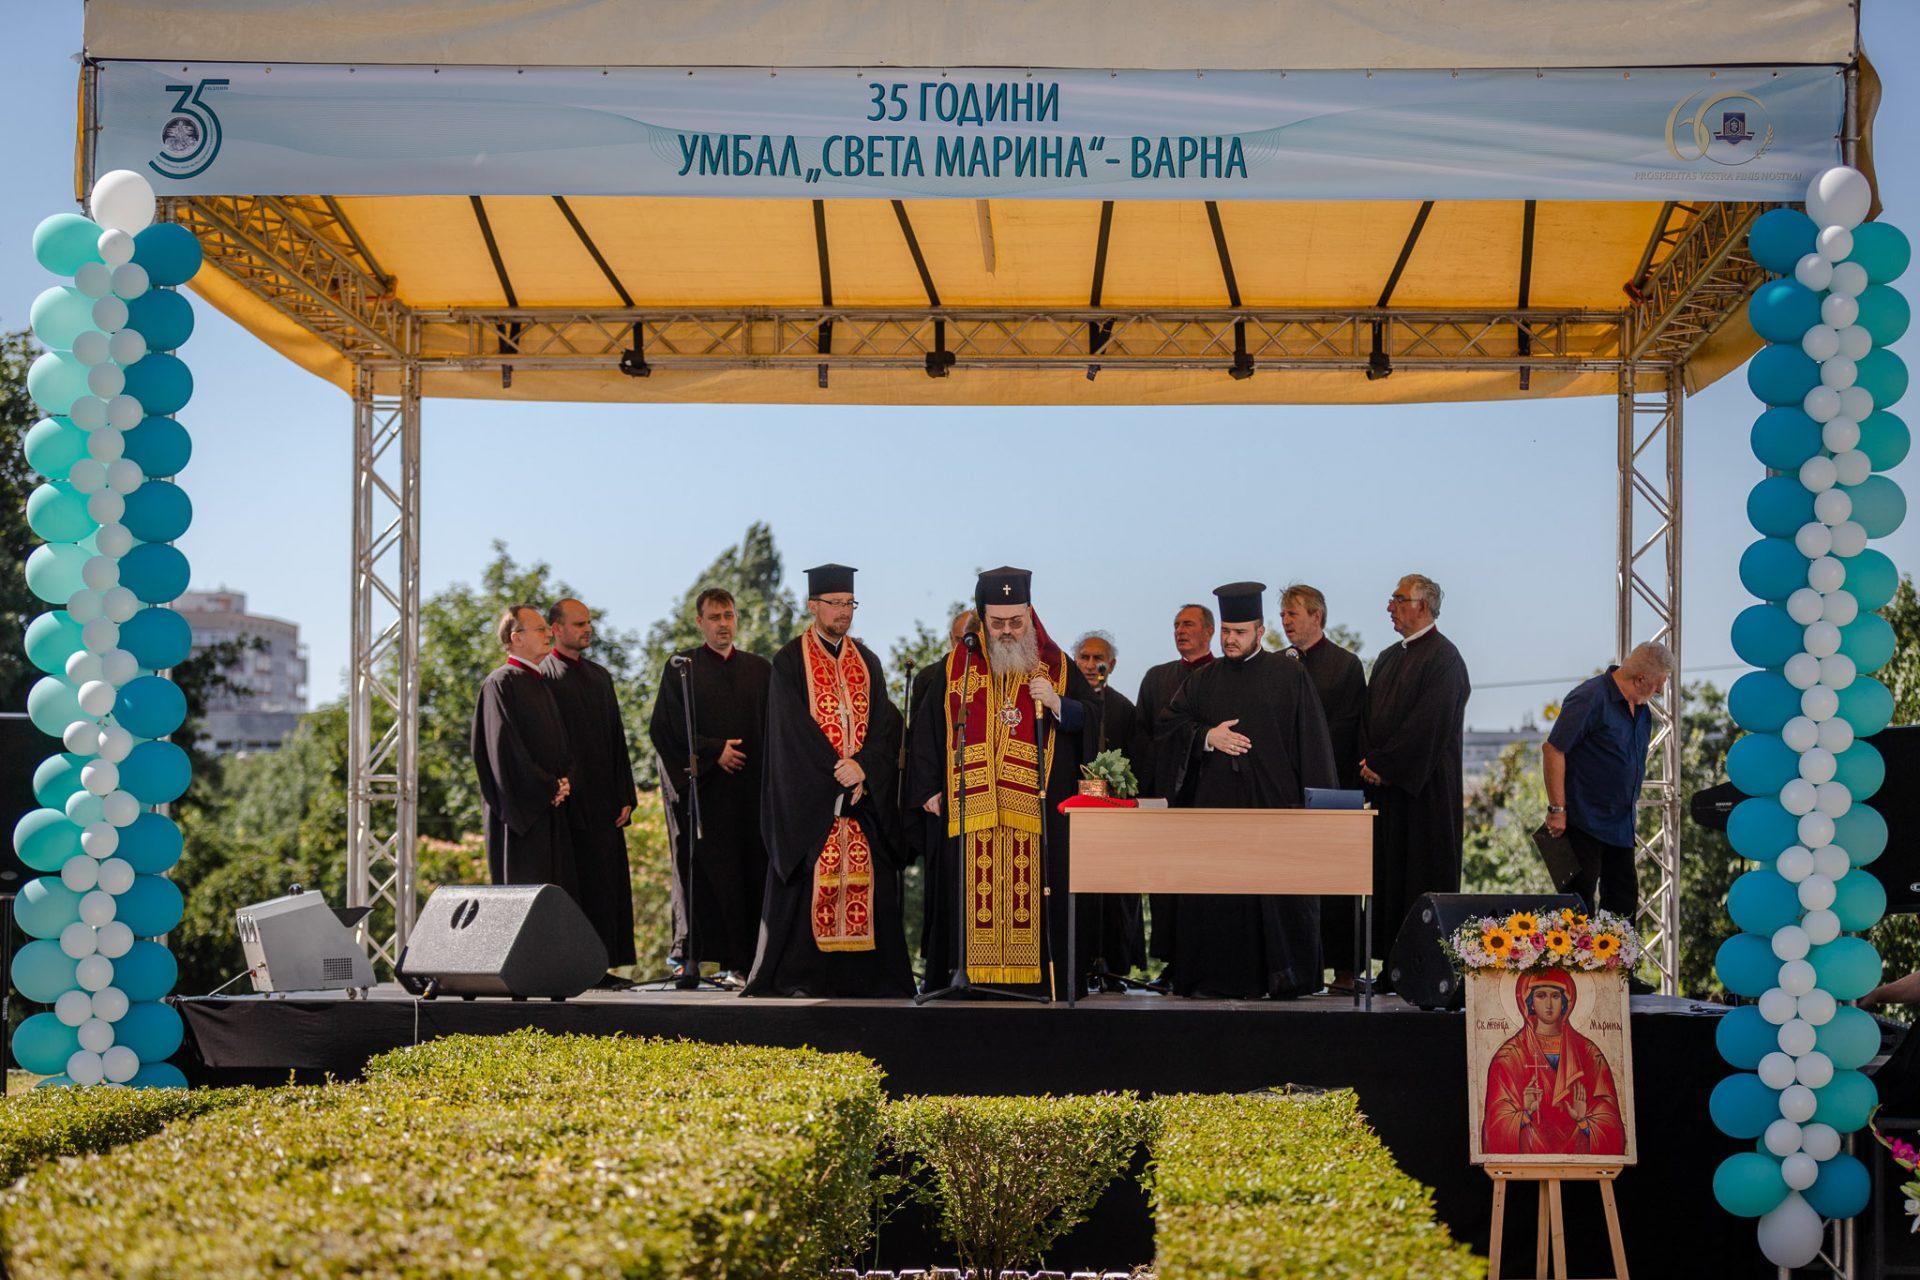 """С празничен концерт бе отбелязан патронният празник на УМБАЛ """"Света Марина""""- Варна"""